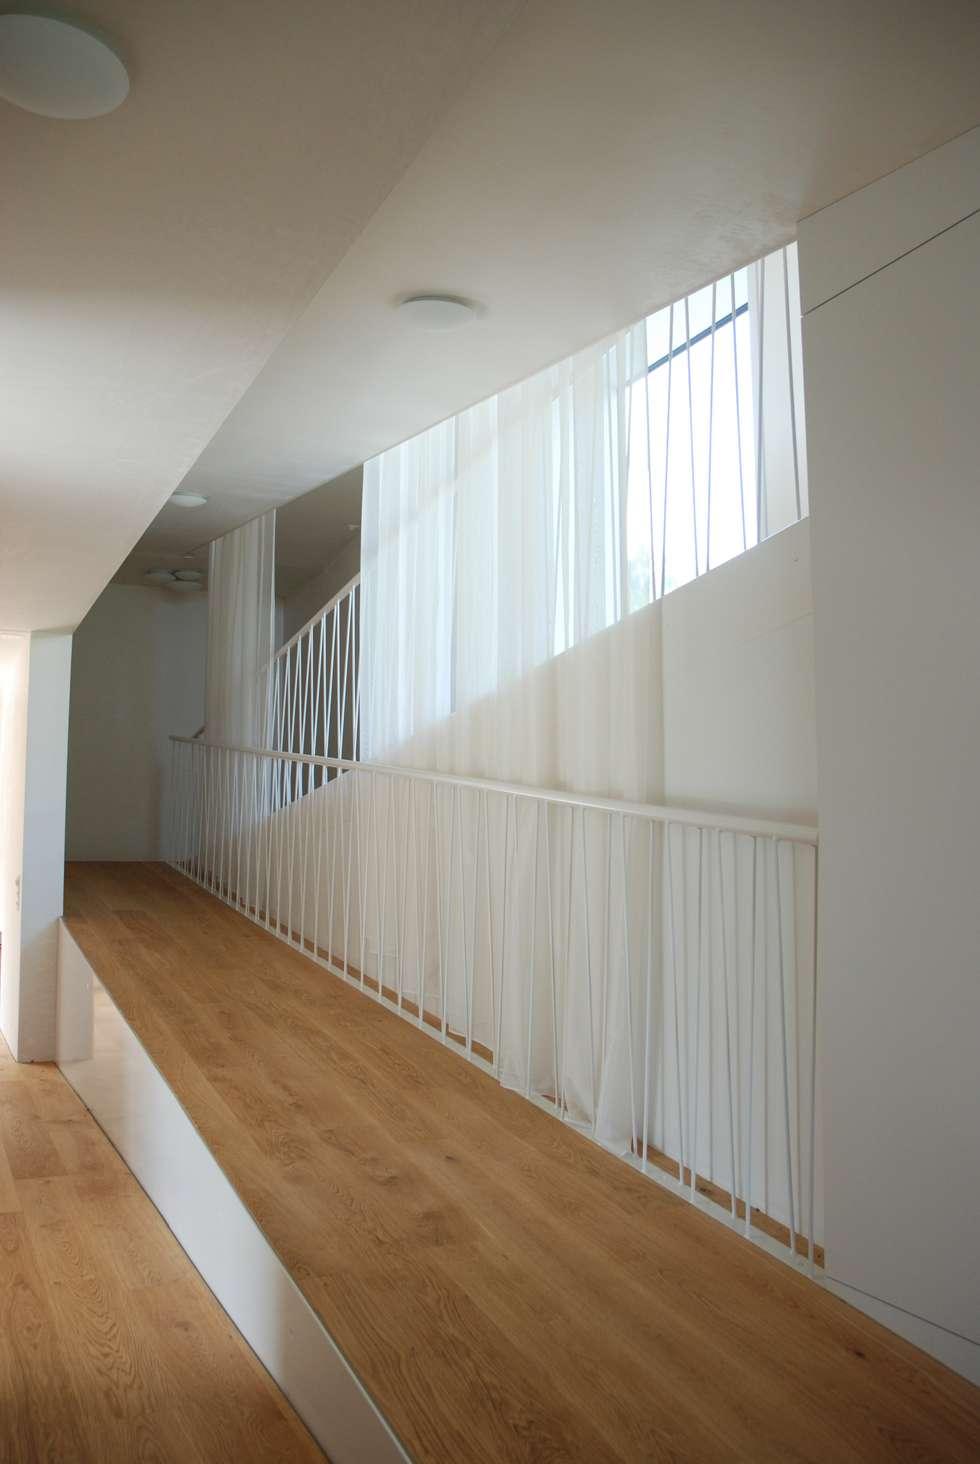 Wohnideen interior design einrichtungsideen bilder for Architektur rampe